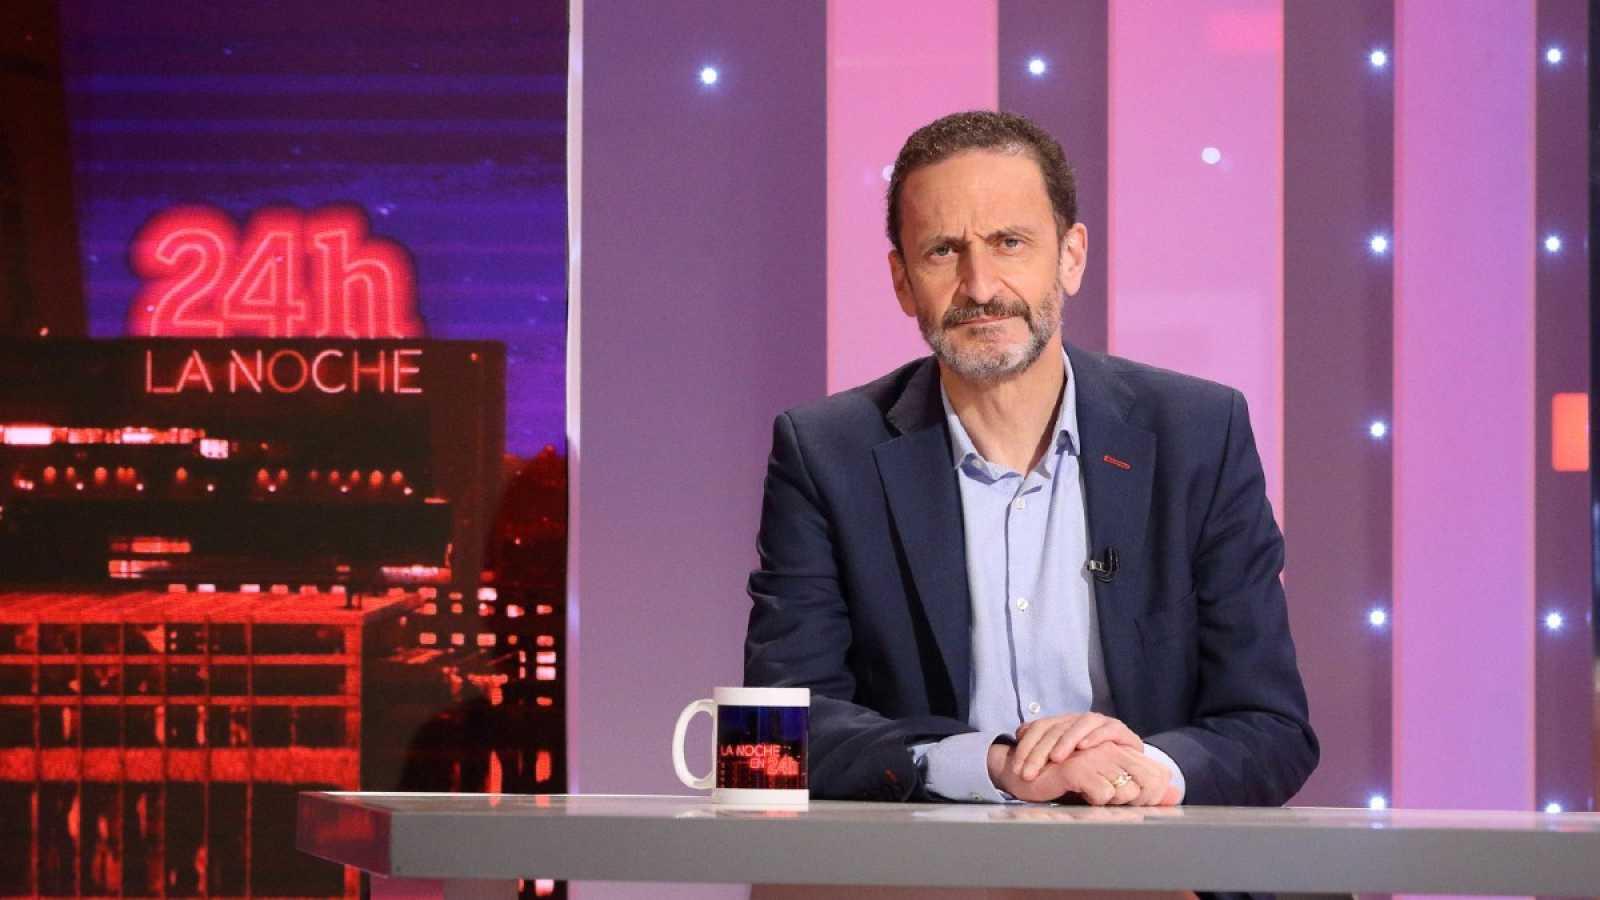 """Edmundo Bal, Ciudadanos: """"Hasel está condenado por enaltecimiento del terrorismo, como los yihadistas que justifican la muerte de personas"""""""